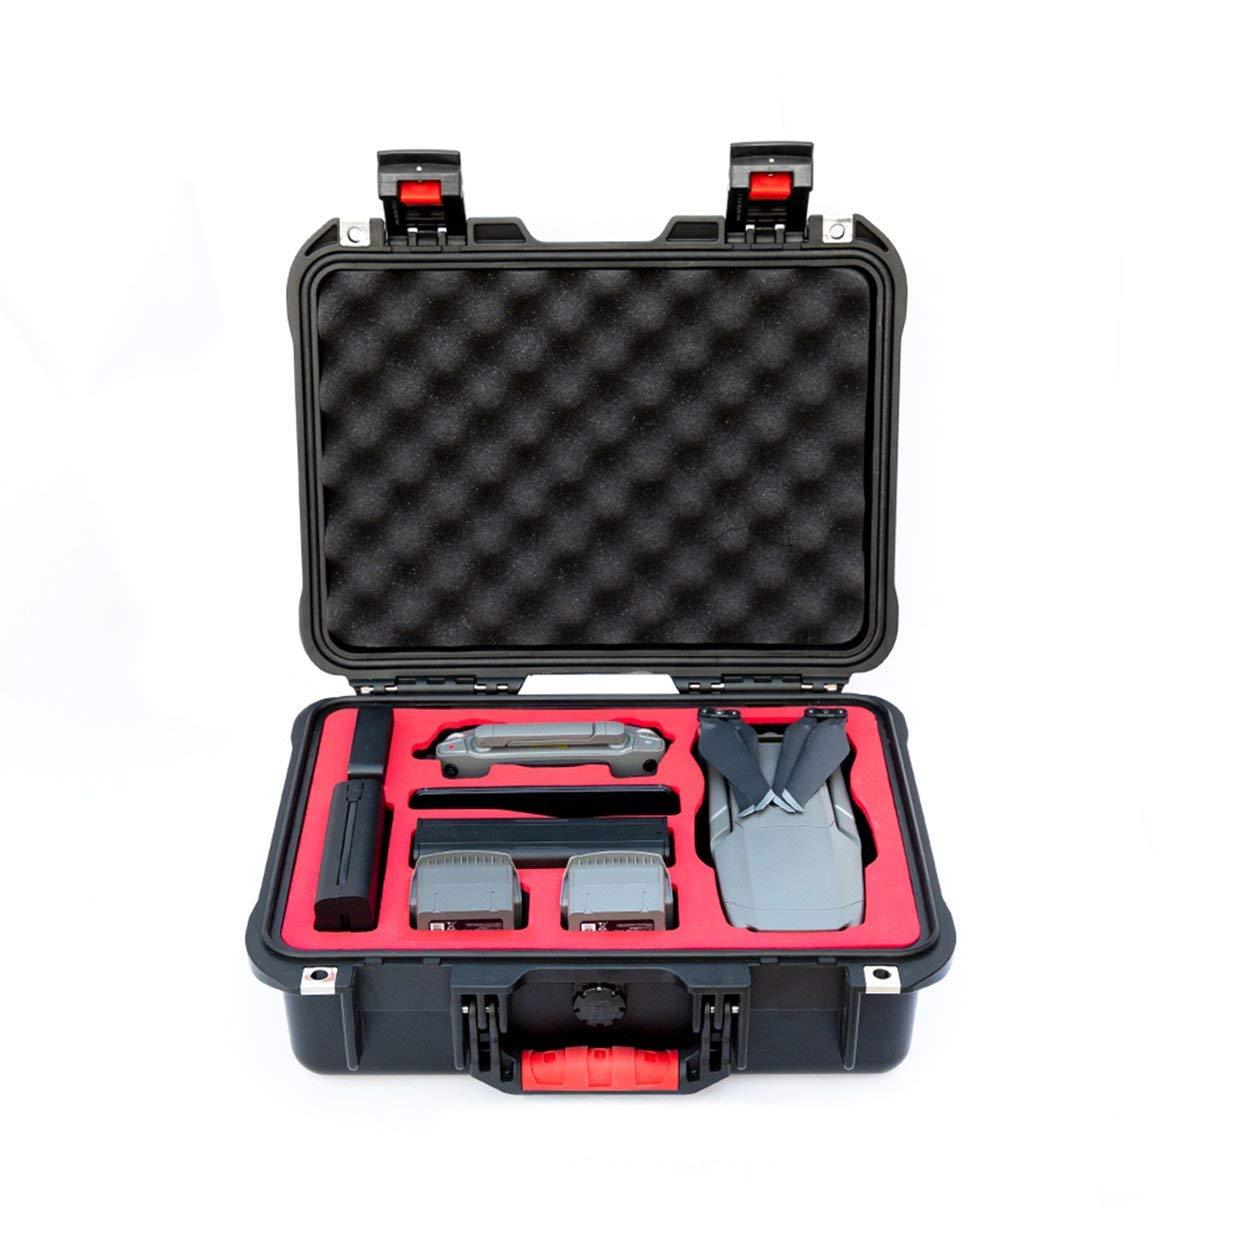 Tellaboull for Wasserdichte Fall DJI Mavic 2 Aufbewahrungsbox Reise Tragbare Tragen Sicherheit Fall Für Mavic 2 Pro Zoom Drone Zubehör